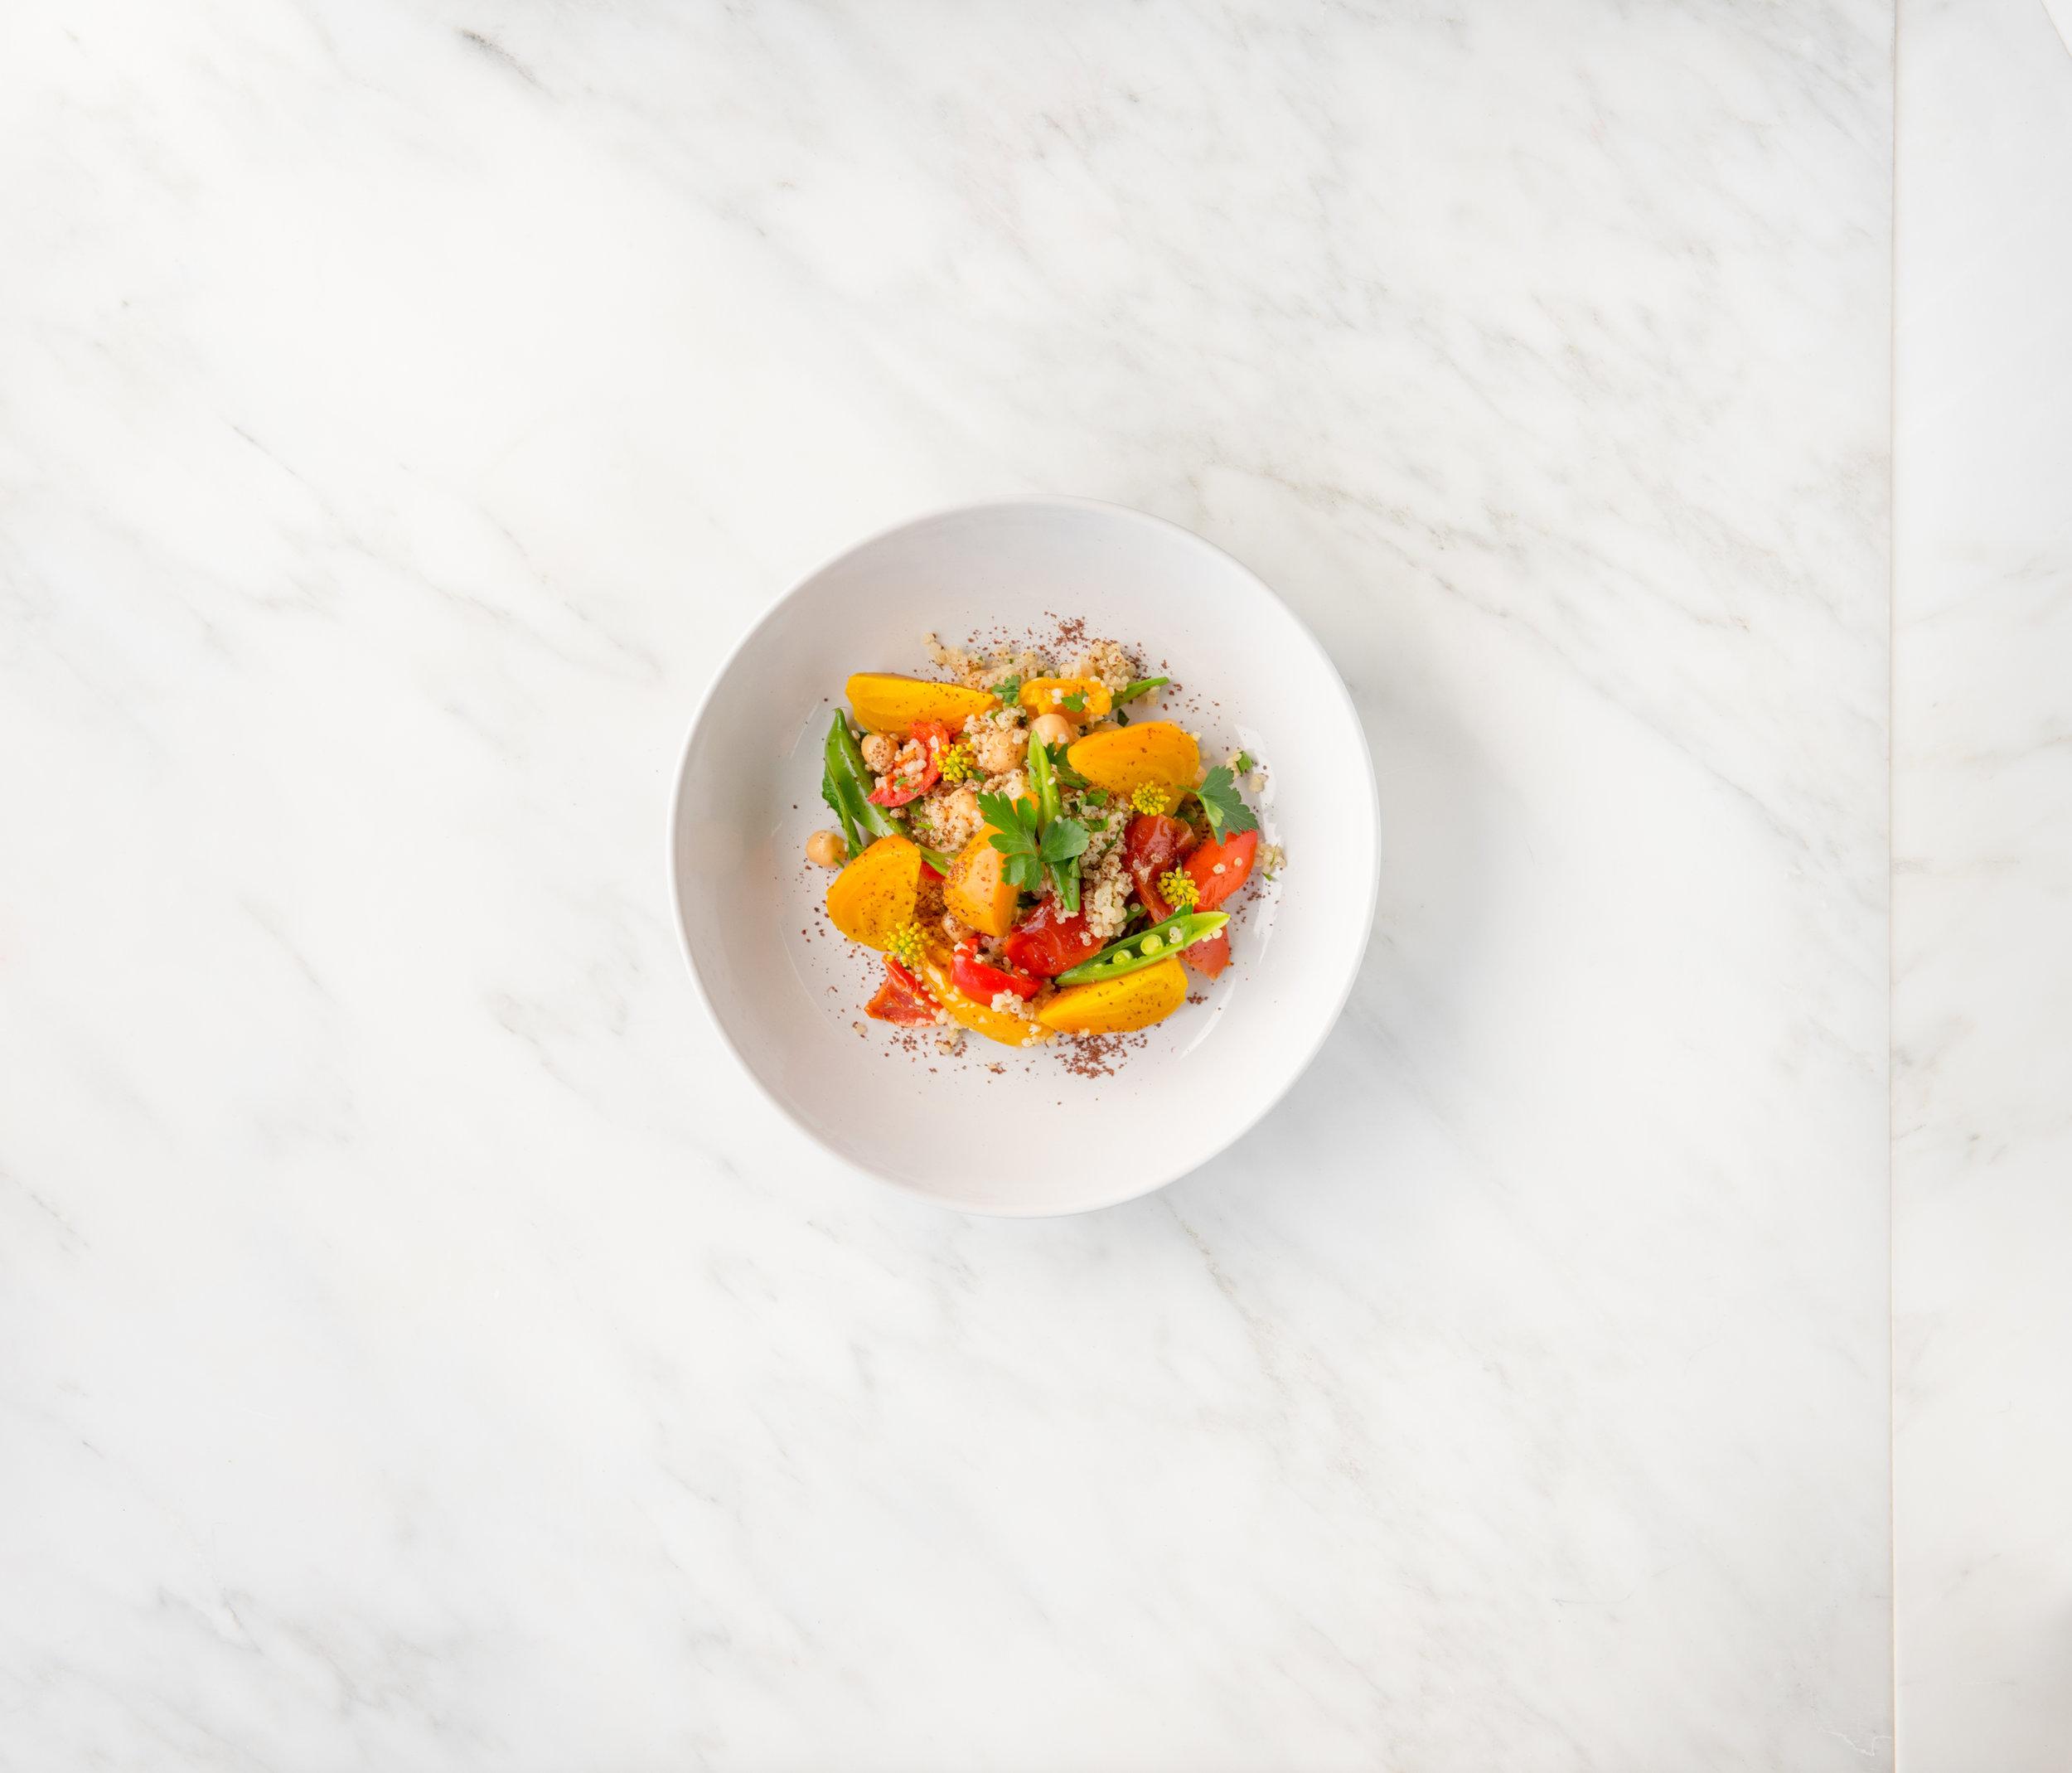 Golden Beet, Quinoa & Sumac